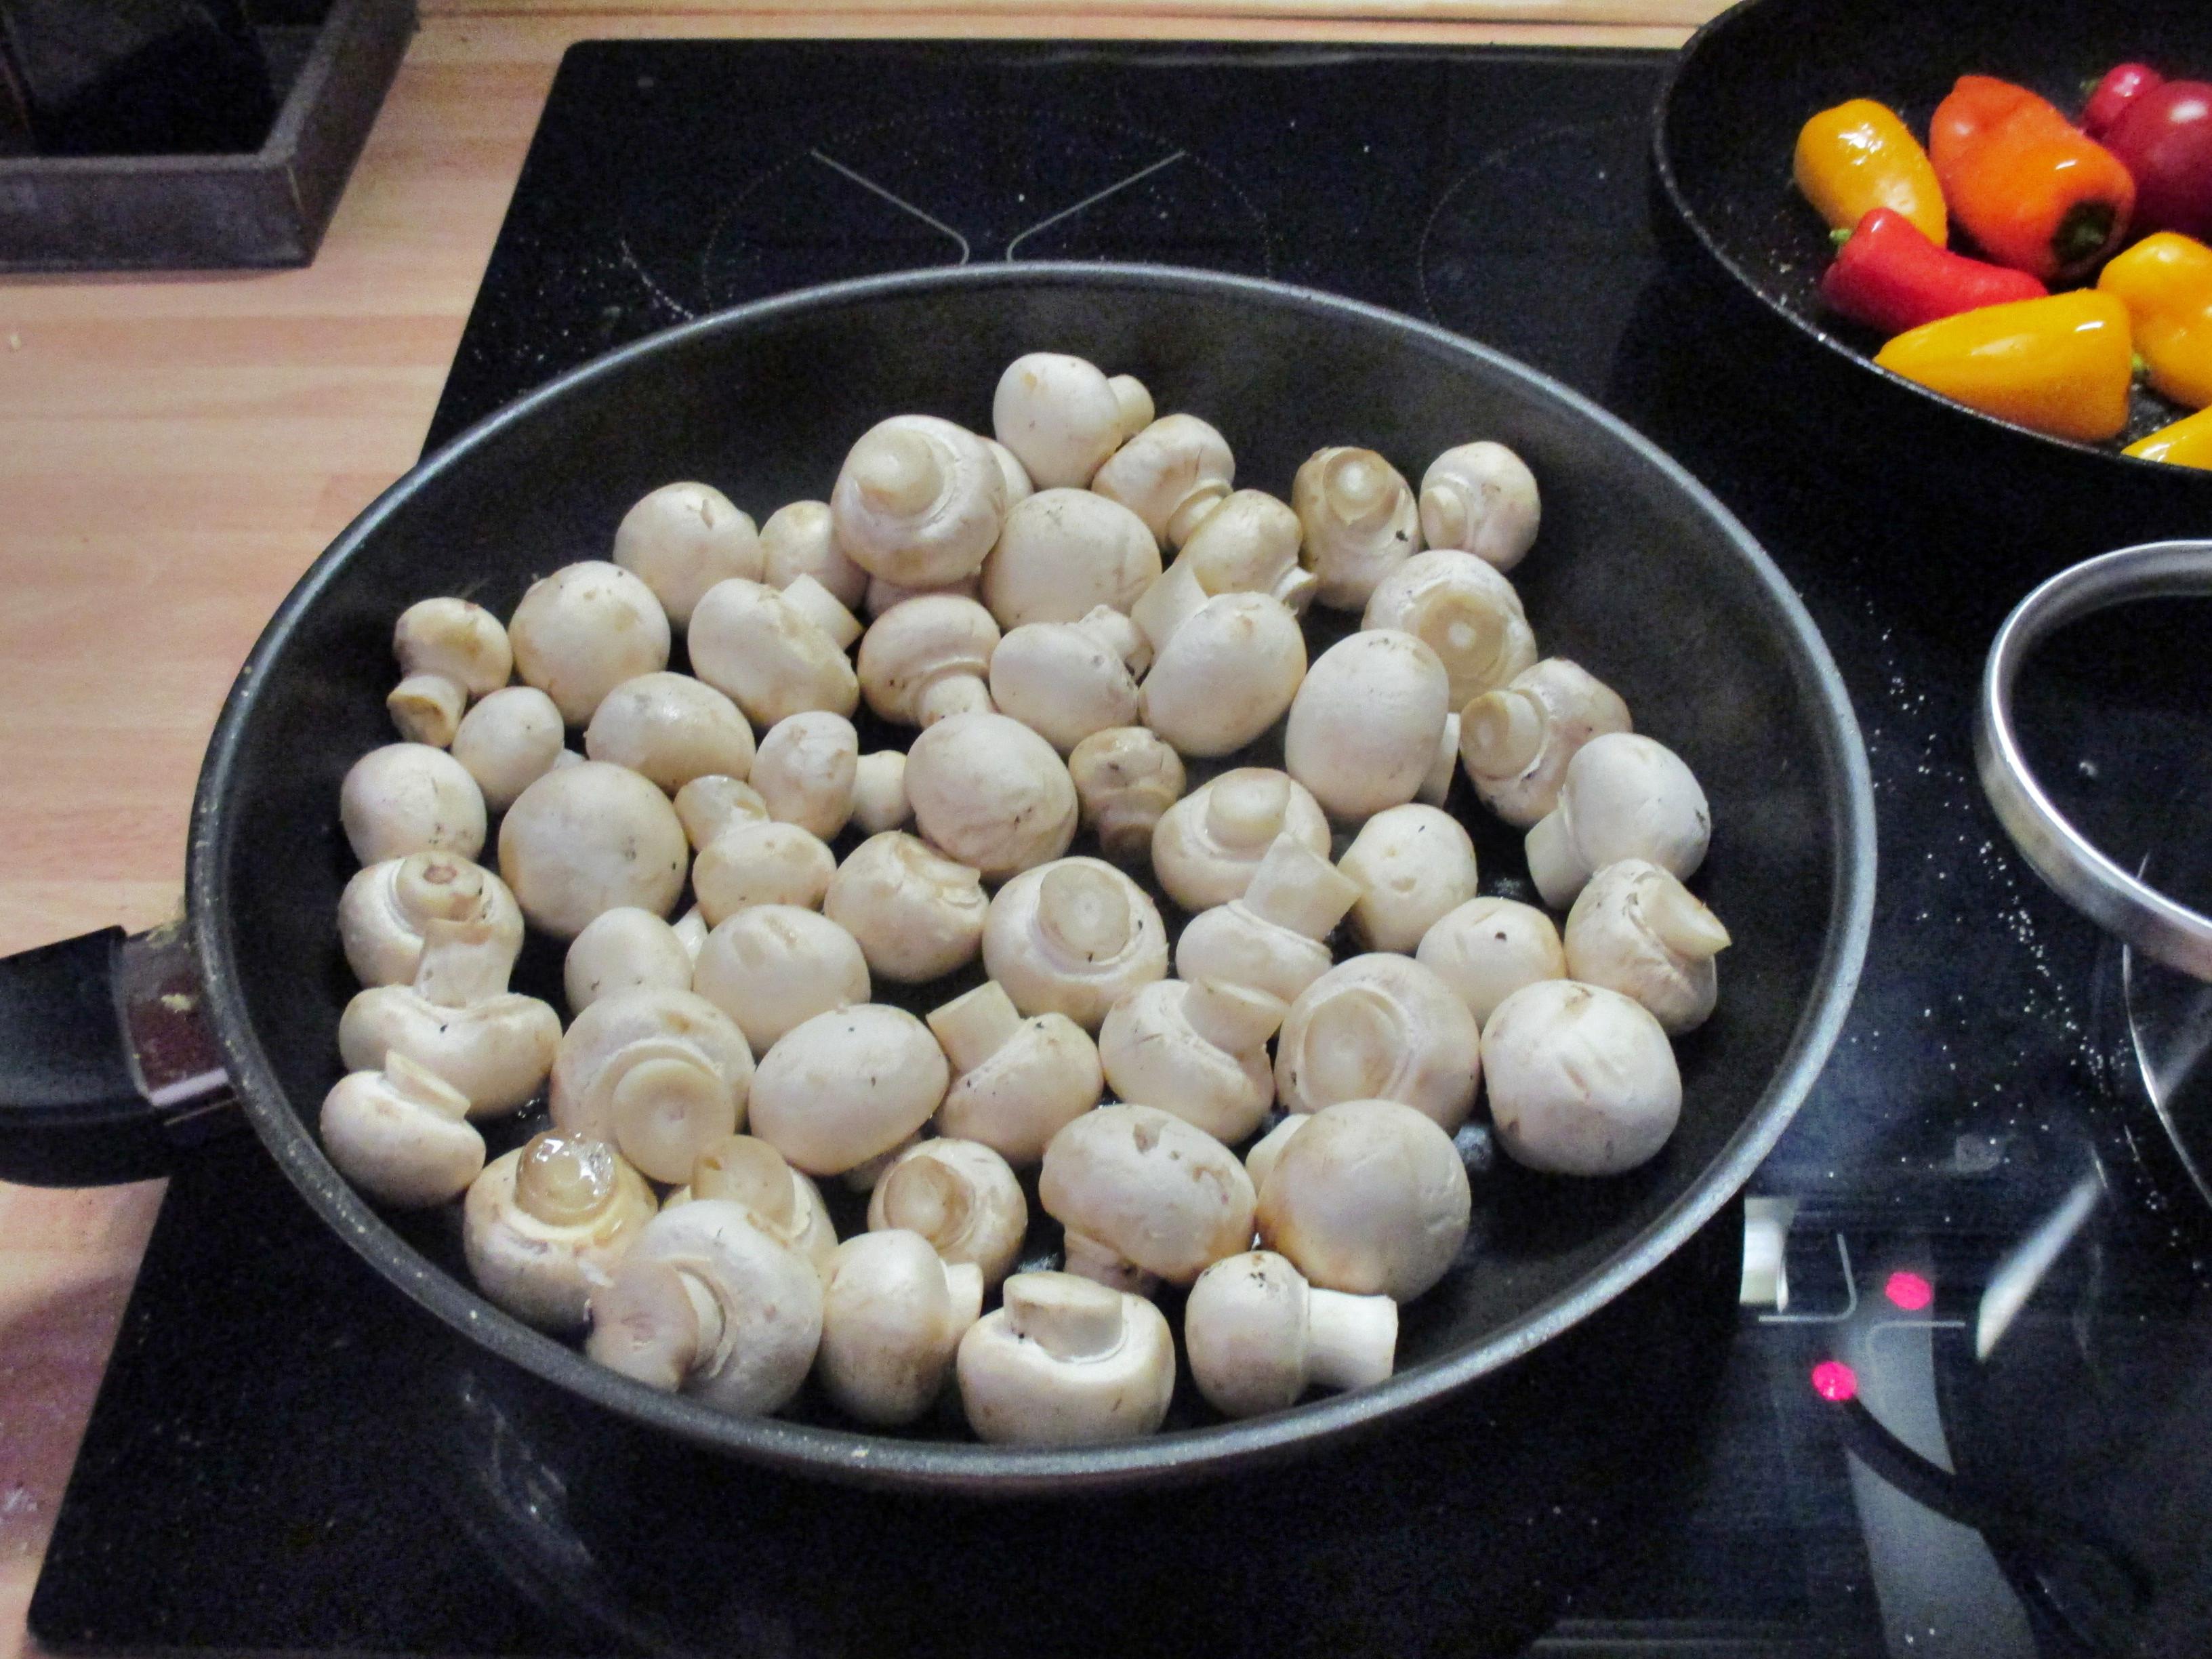 selbstgemachte Nudeln,Champignon,Bratpaprika,Salat -21.6.15   (10)